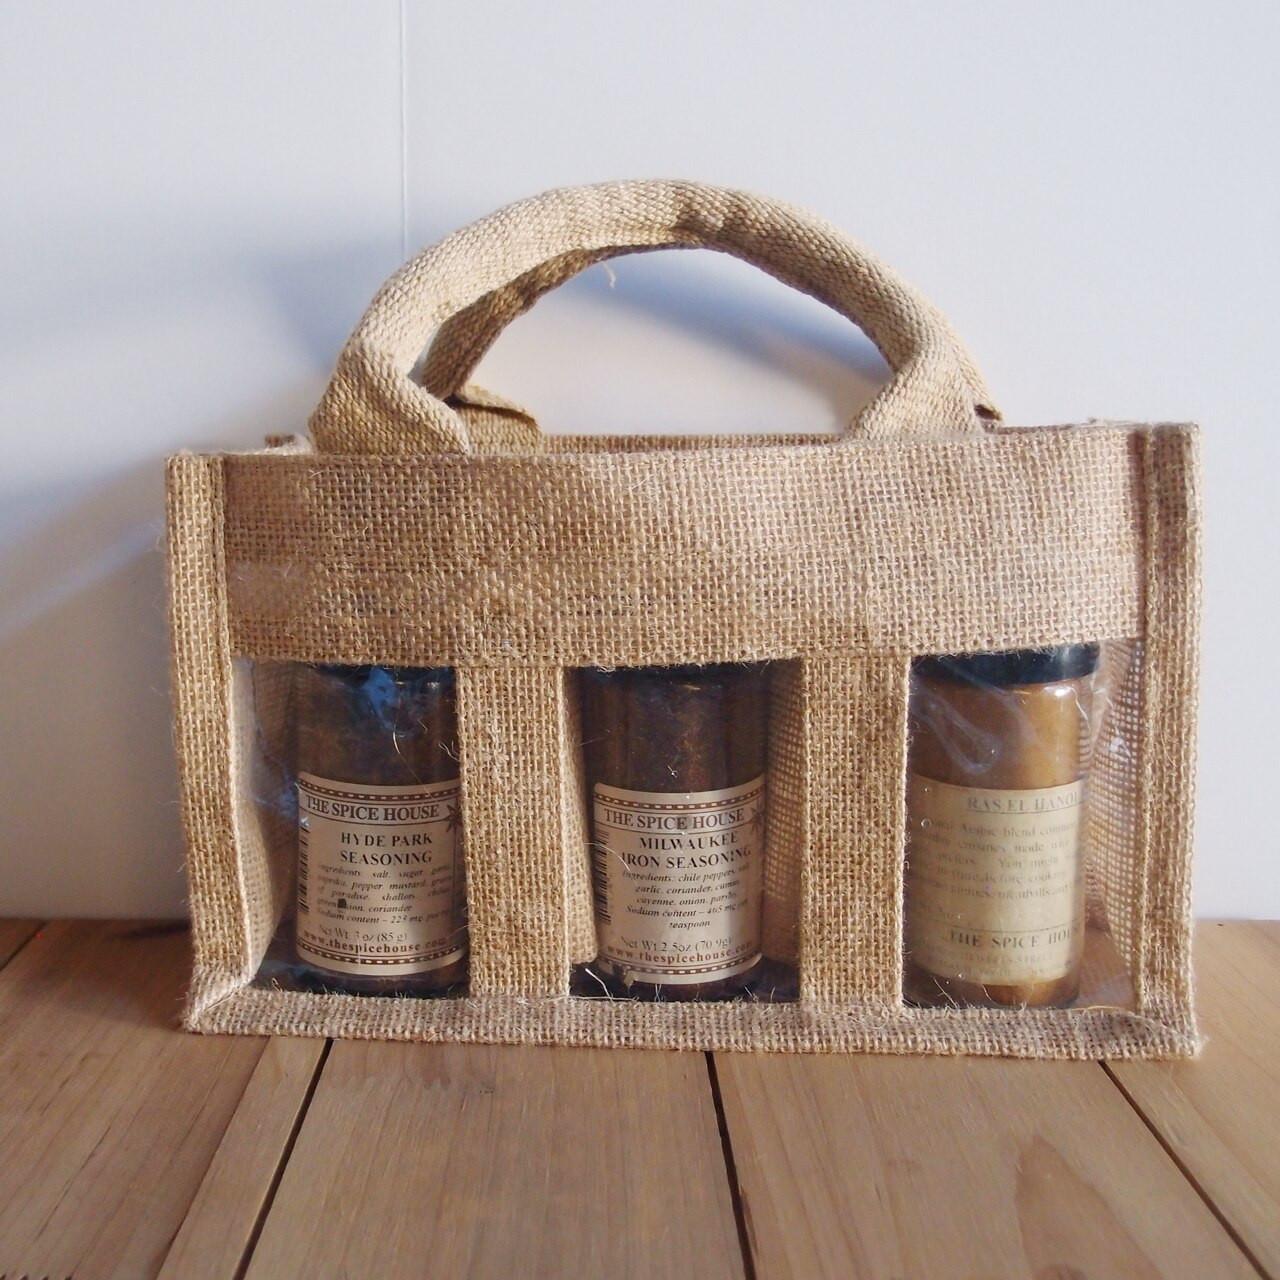 3-Jar Burlap Gift Set Tote Bag B937-21, Wholesale Burlap Tote Bags | Packaging Decor